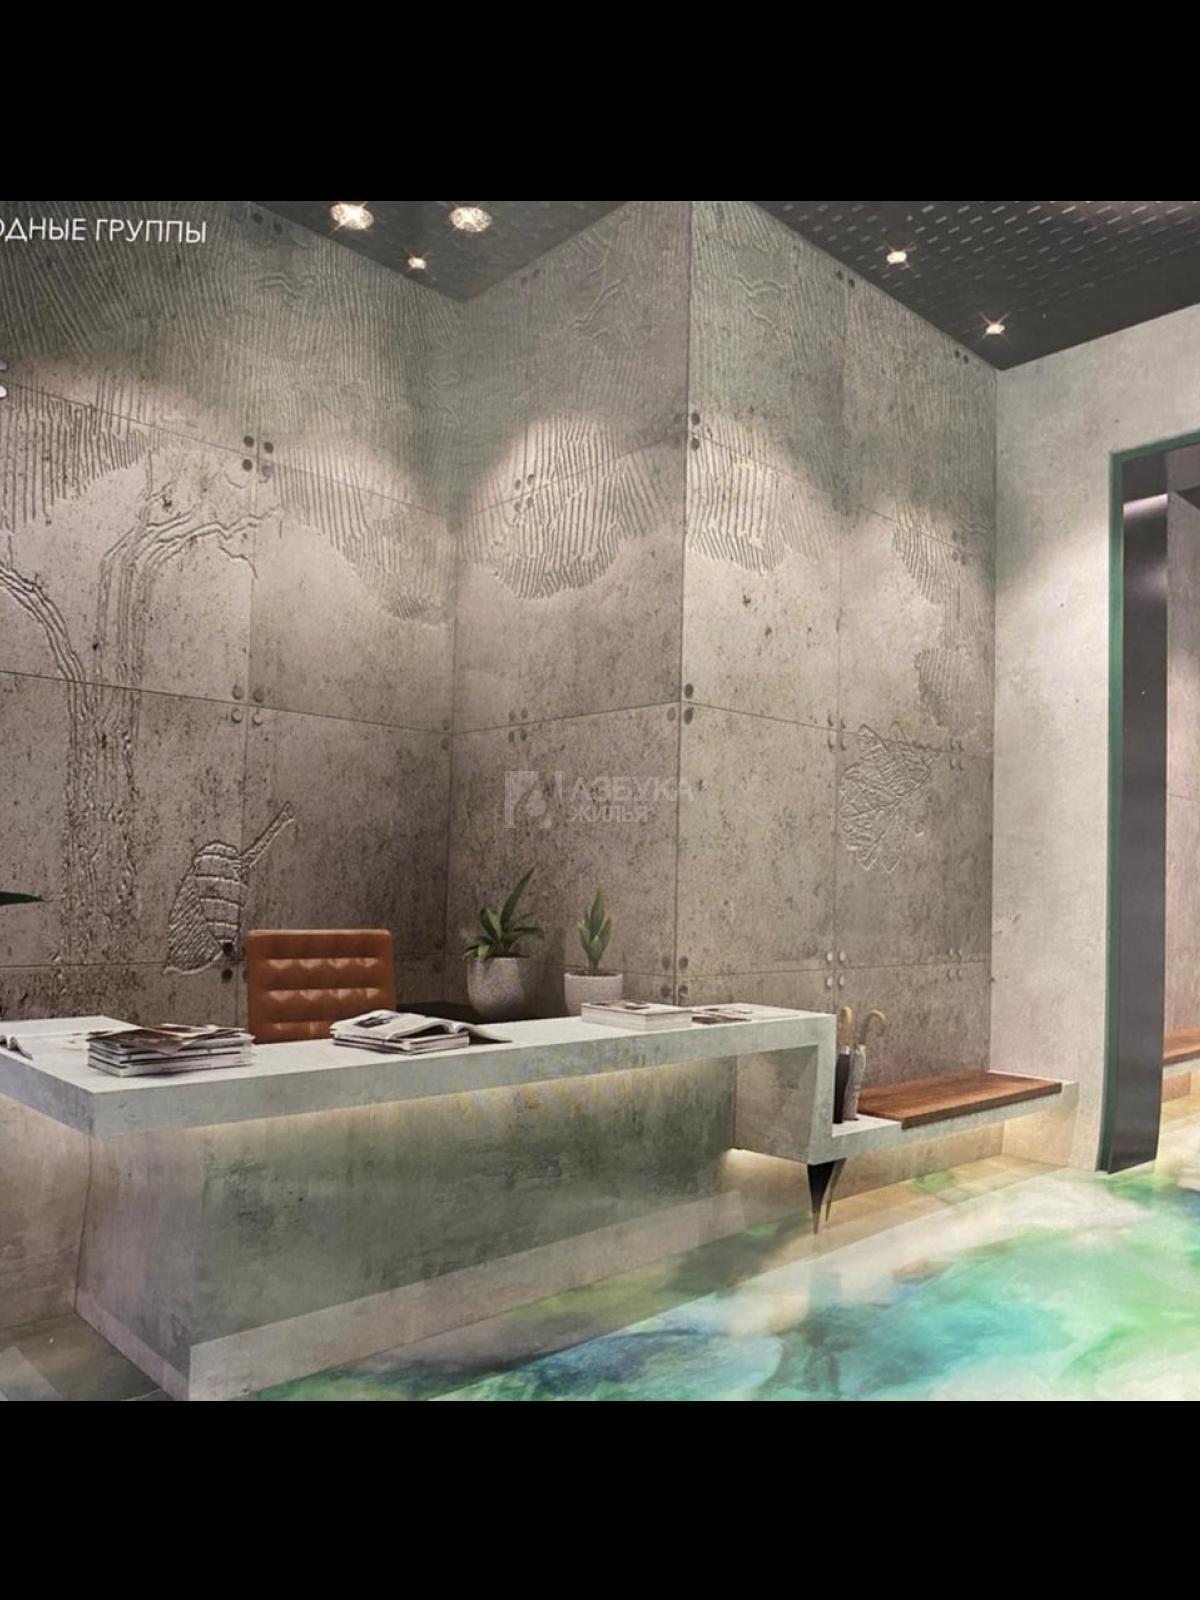 Фото №4 - 1-комнатная квартира, Москва, Грайвороновский 2-й проезд корпус 22, метро Стахановская